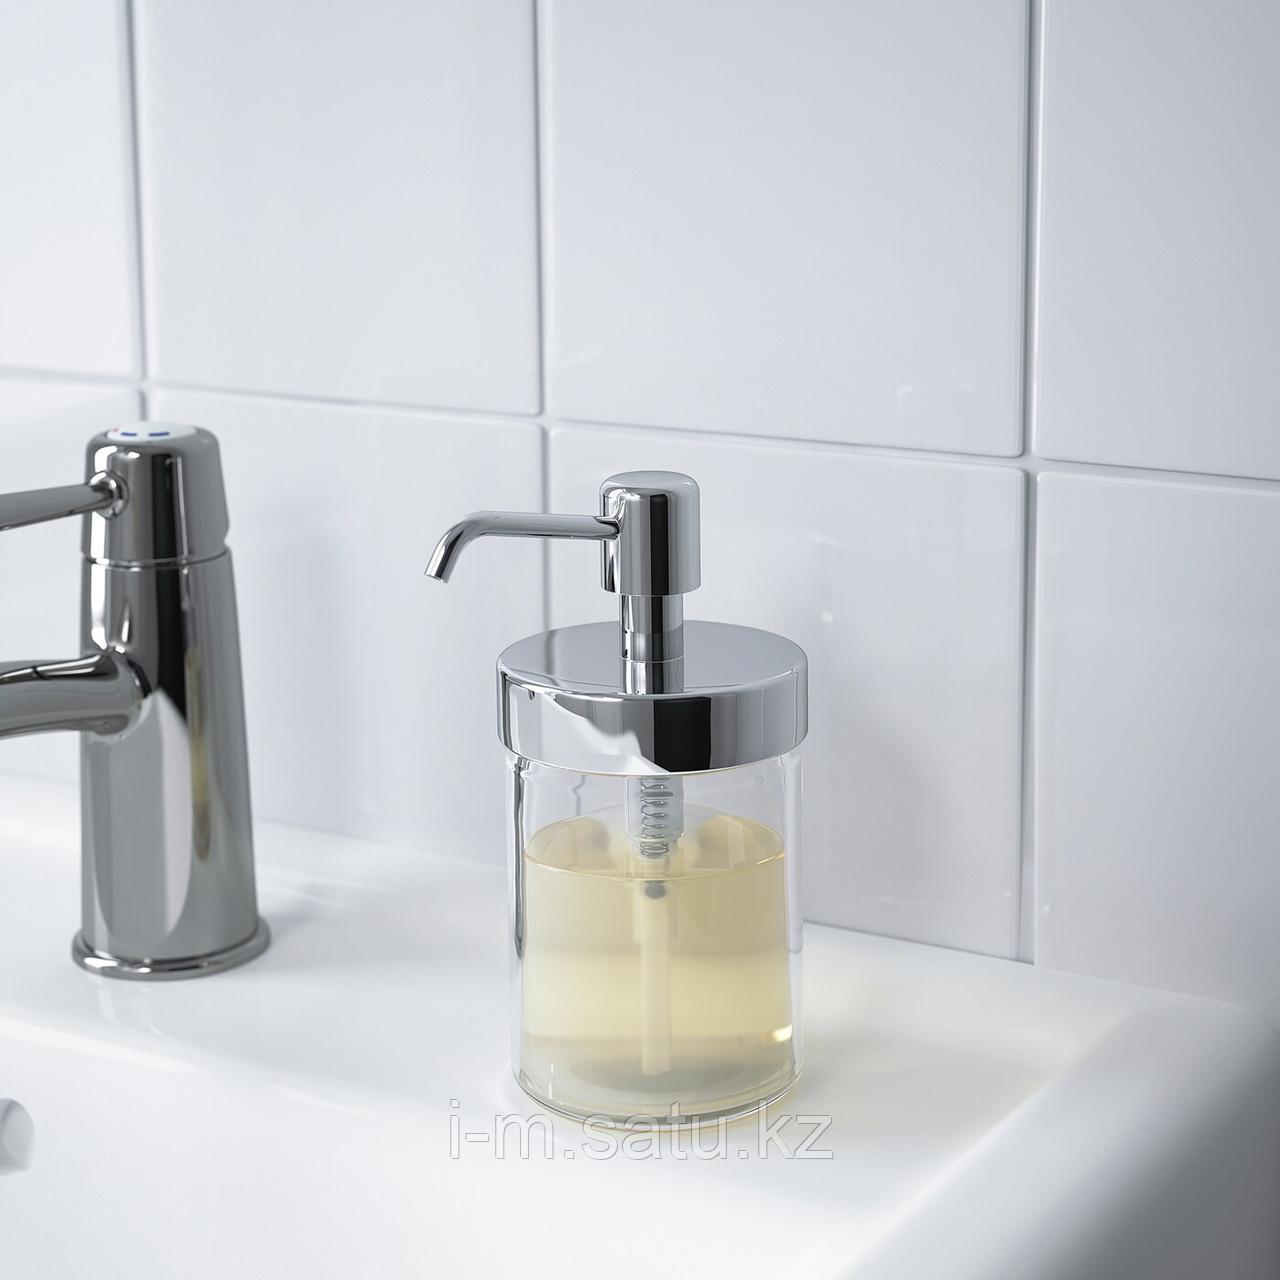 ВОКСНАН Дозатор для жидкого мыла, под хром